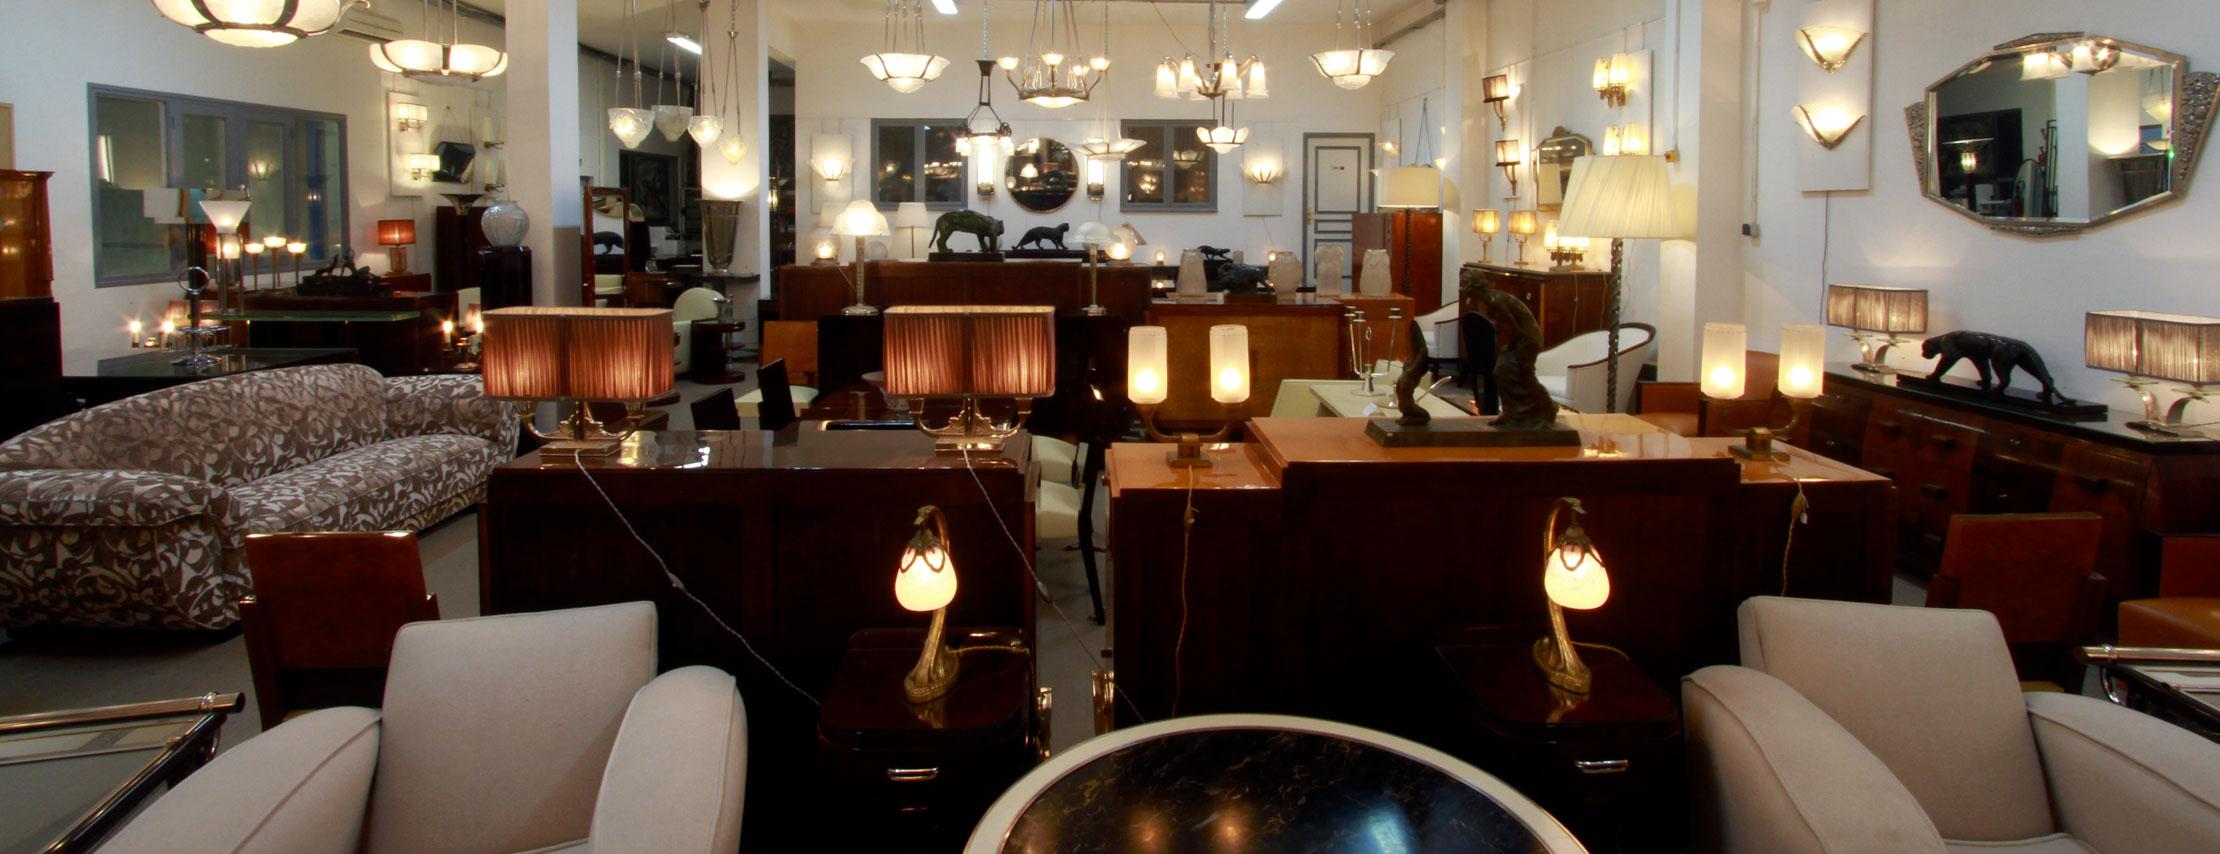 Galerie Artz Authentique 1930 Art Deco